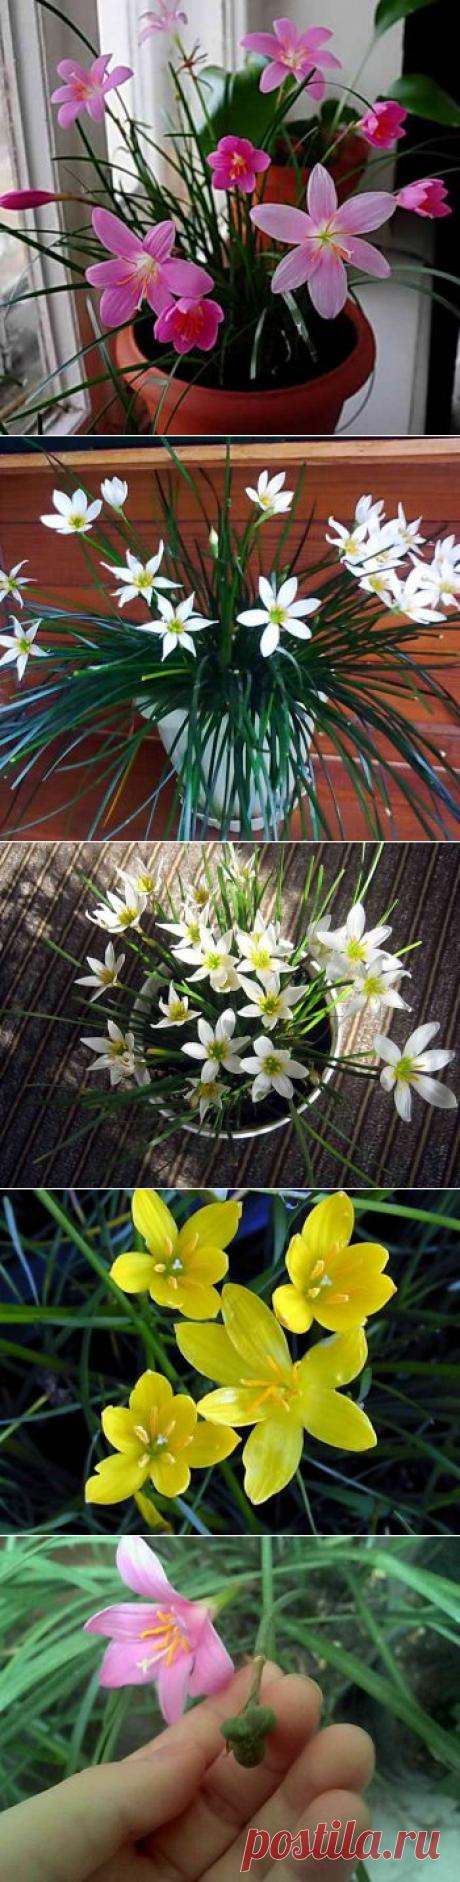 Зефирантес — комнатный цветок. Посадка, уход и размножение семенами   Дача - впрок